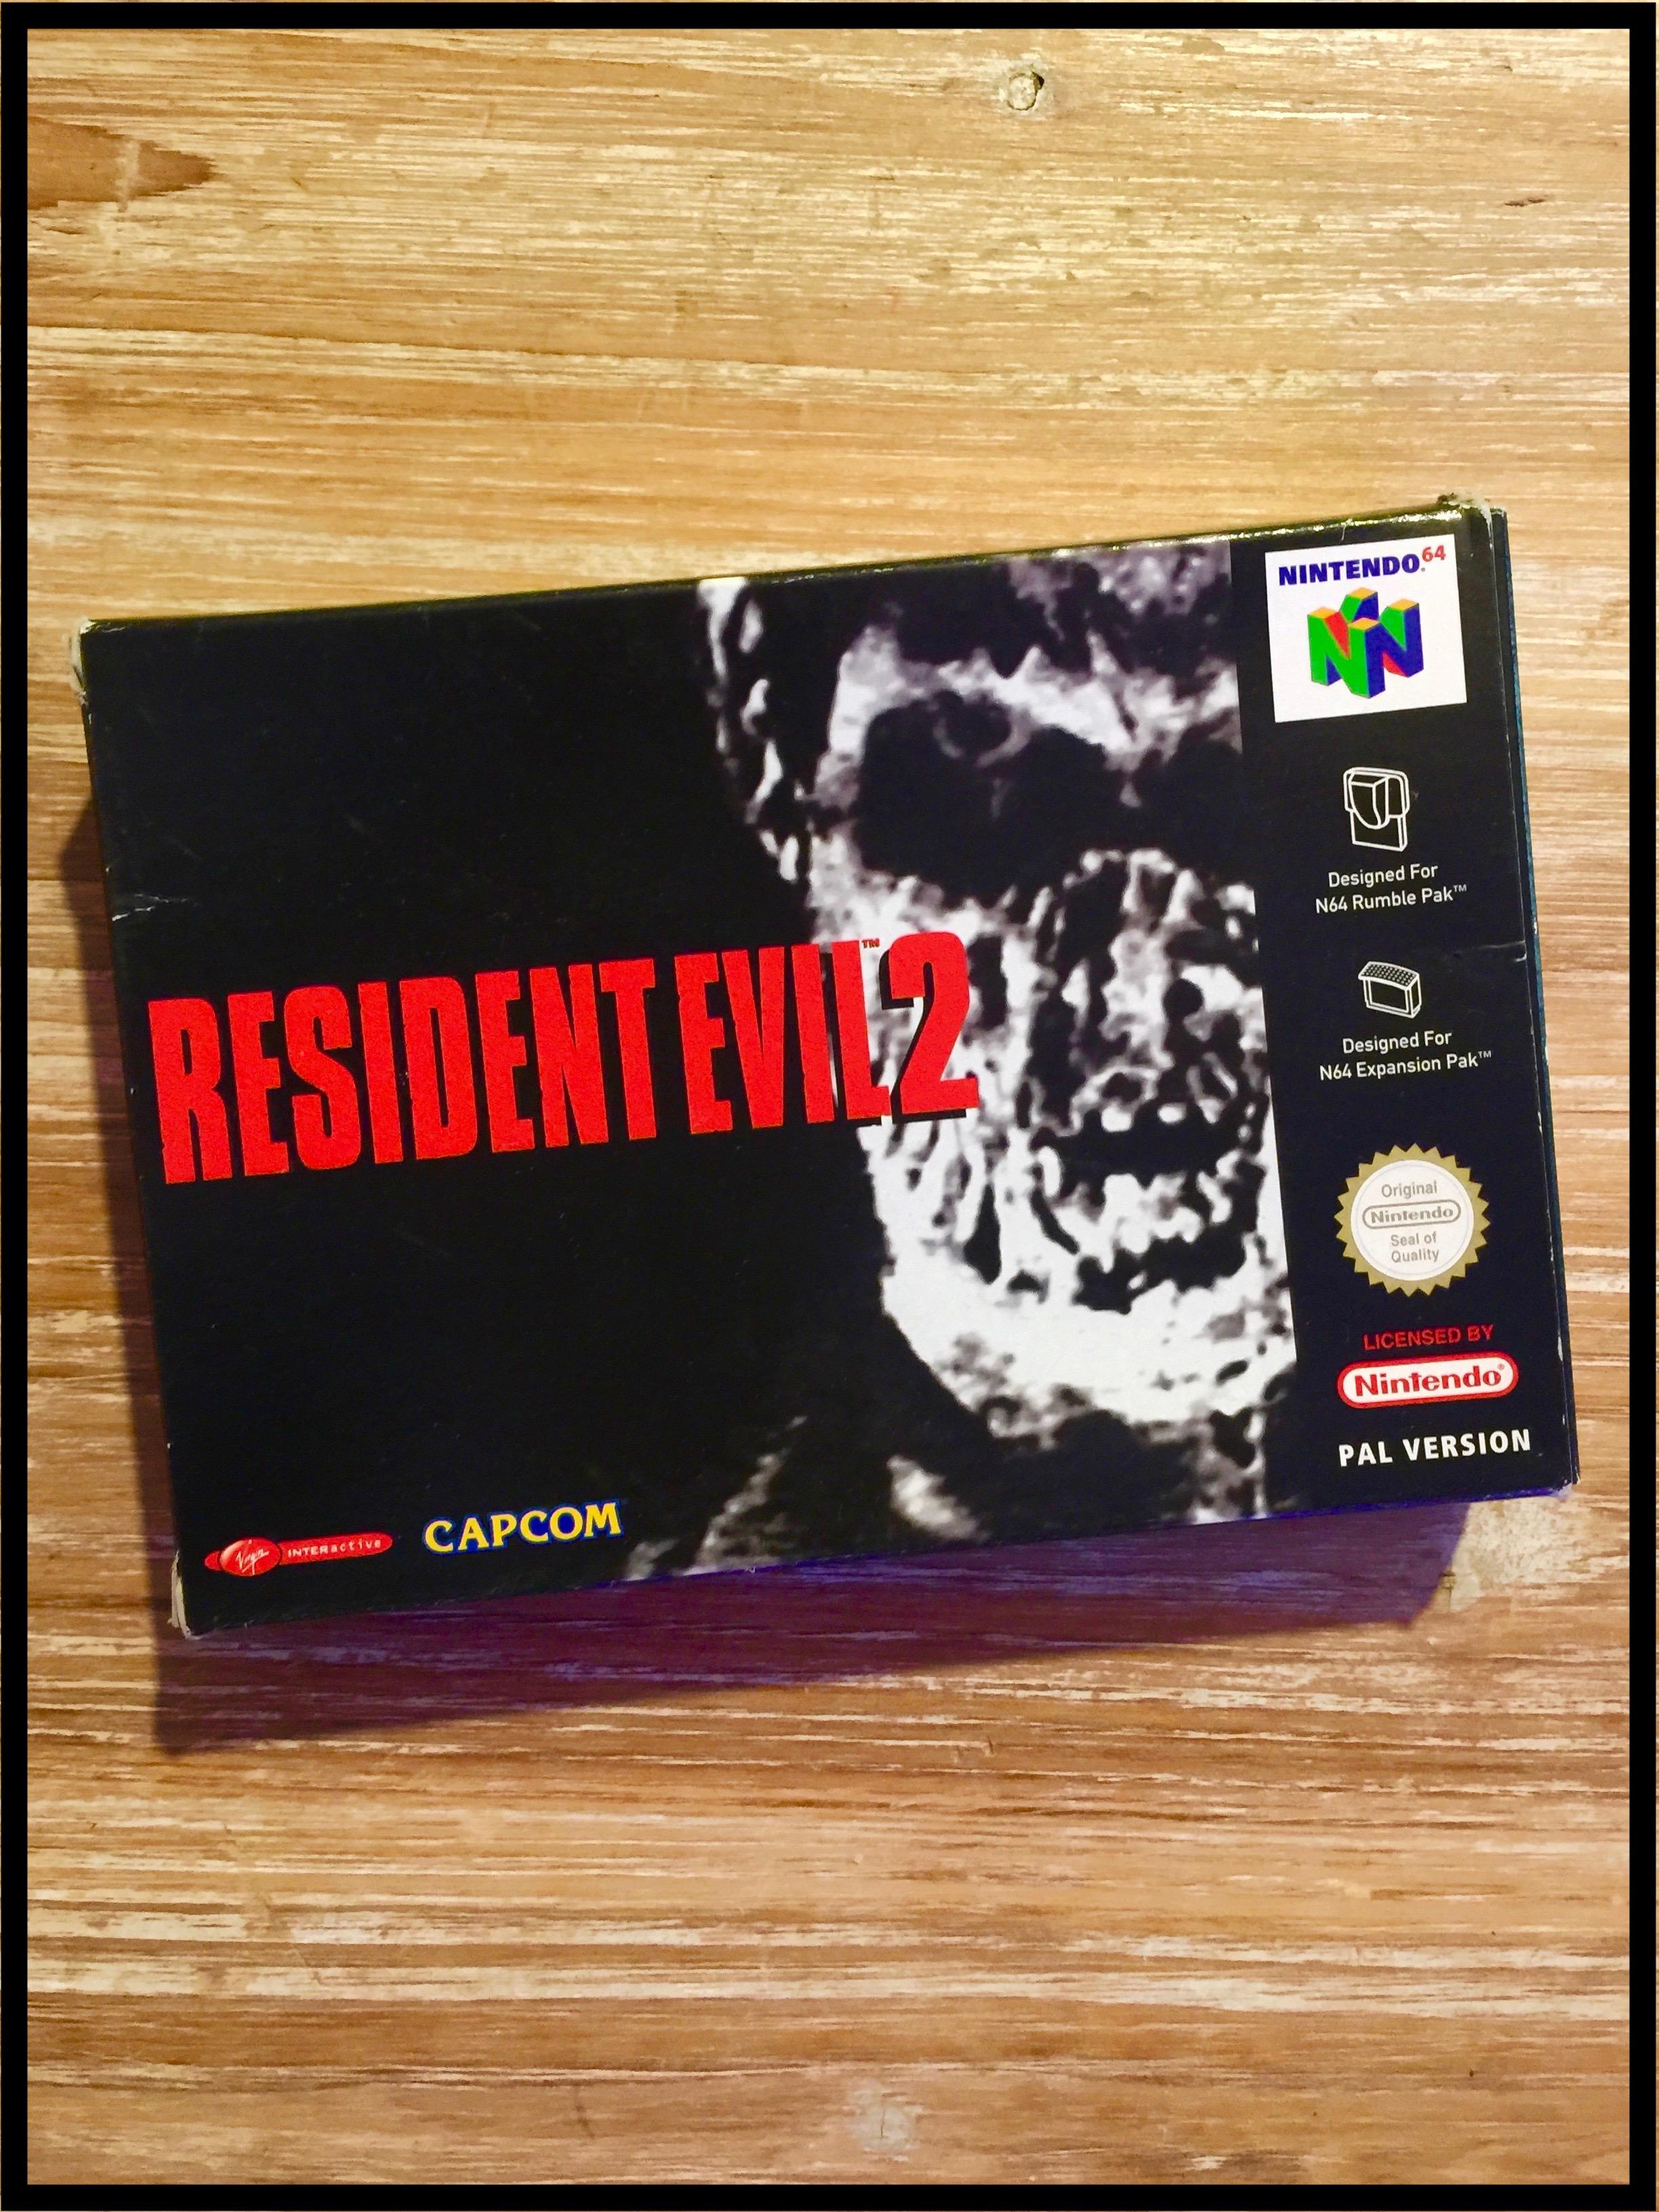 Retroboxing] Resident Evil 2 - Nintendo 64 | Forum SerialDealer